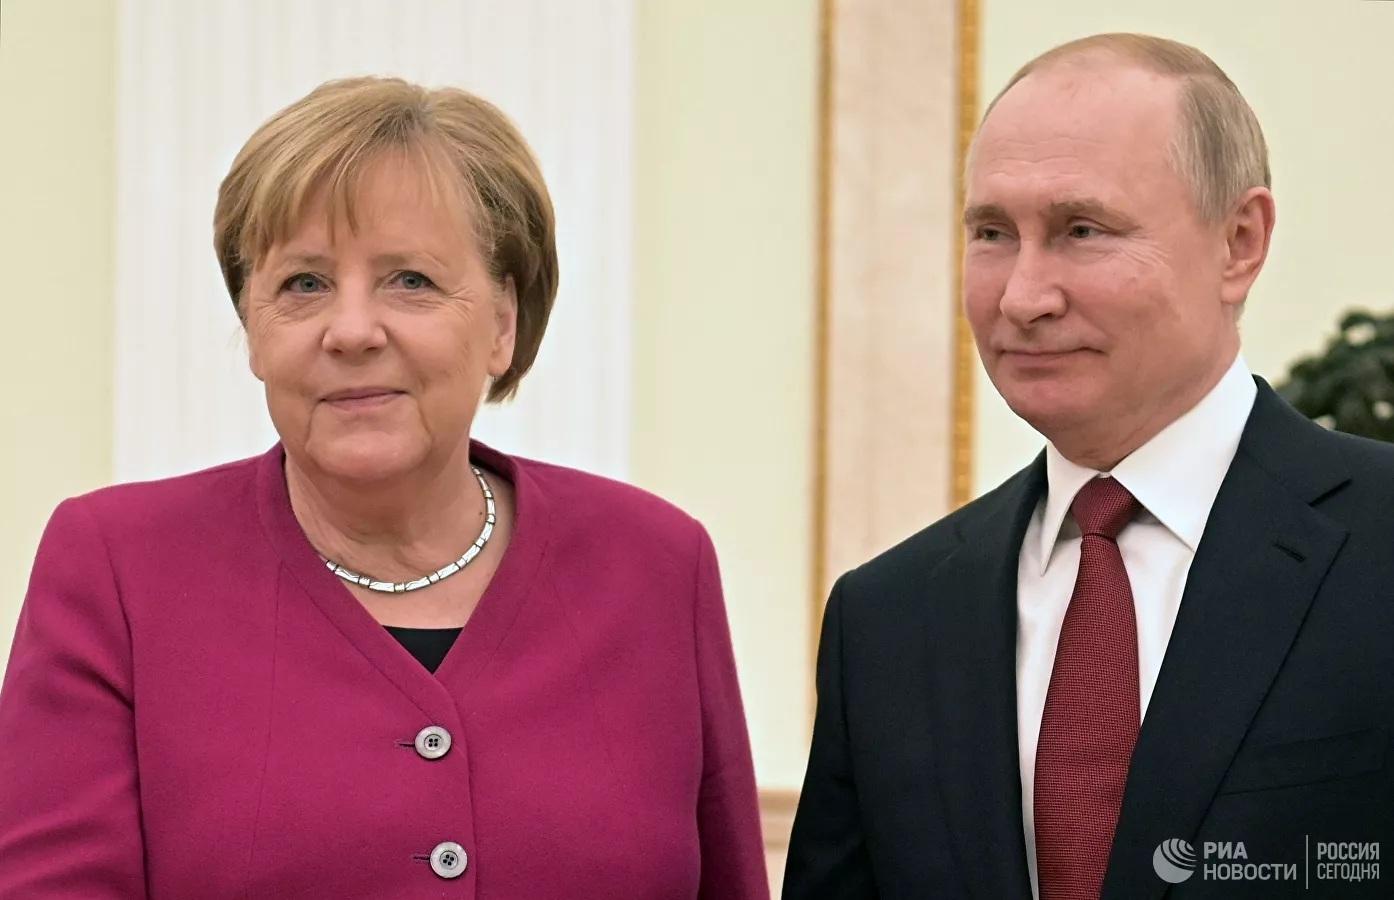 Đức có thay đổi 'thái độ' đối với Nga sau vụ đầu độc Navalny?